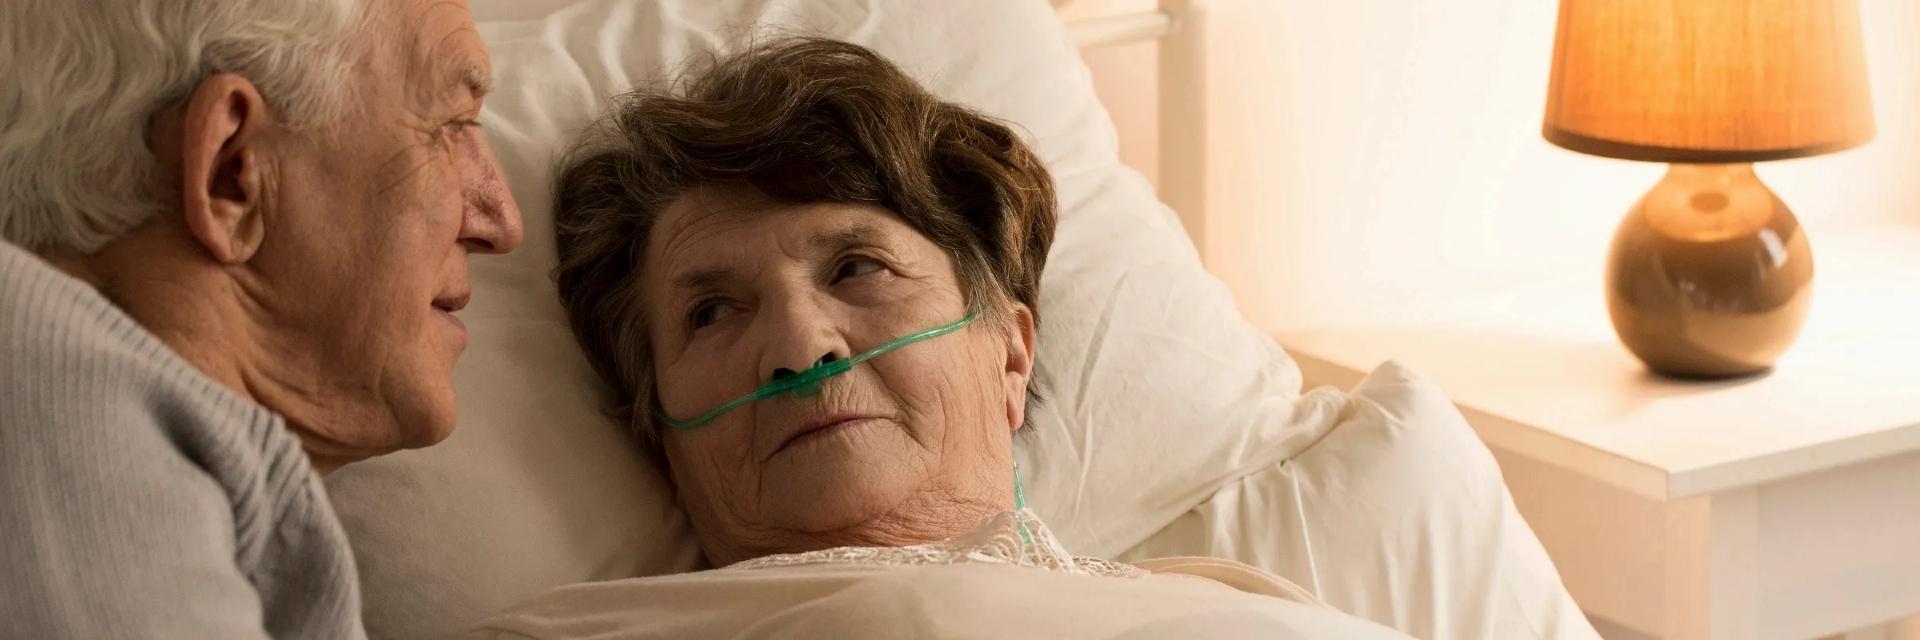 Aspiration-Pneumonia-in-the-Elderly